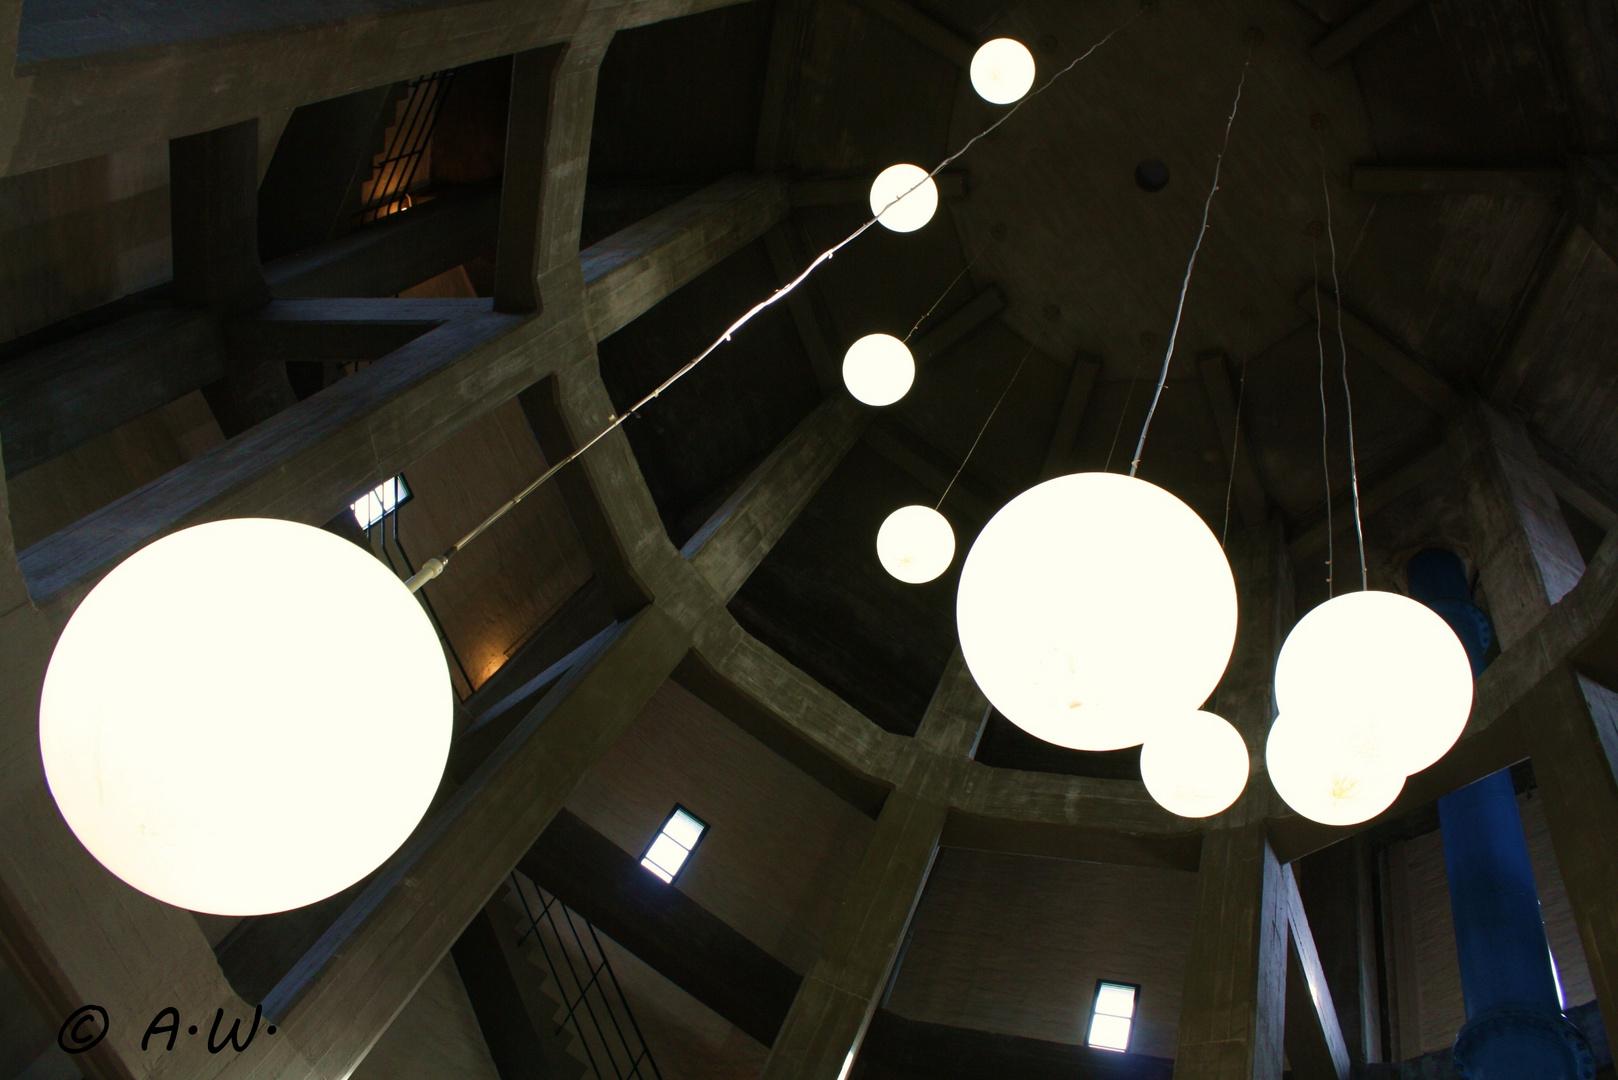 Big round lights